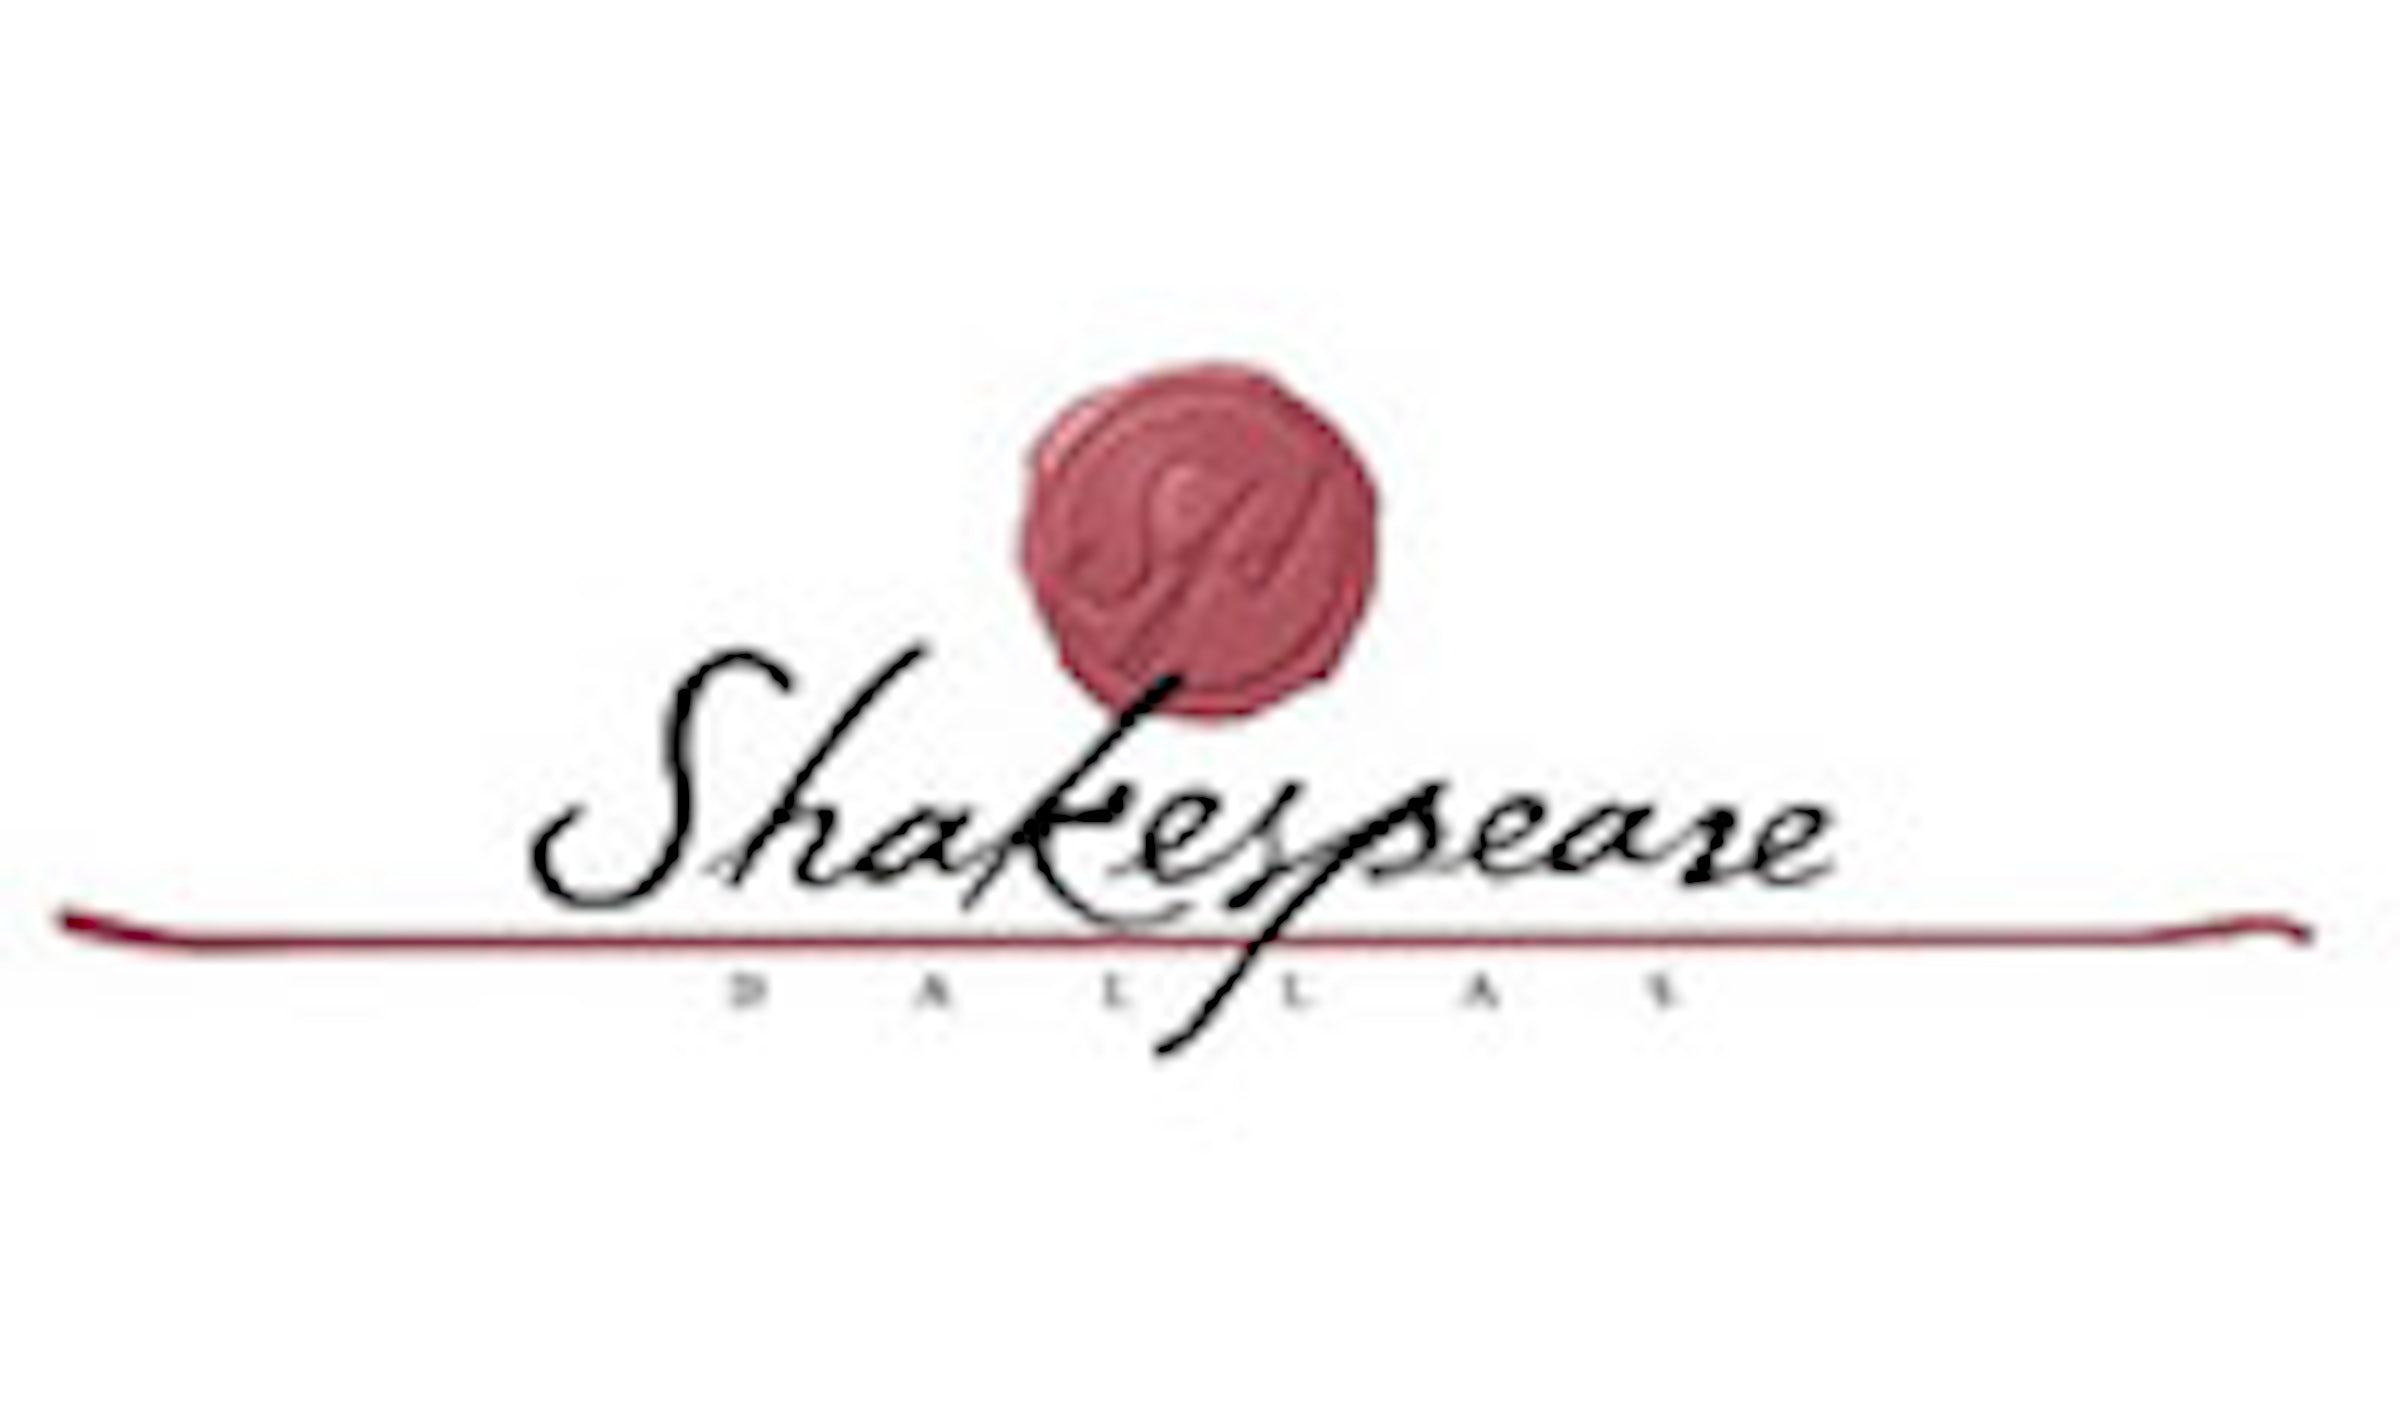 Shakespeare Festival of Dallas in Beyond Dallas